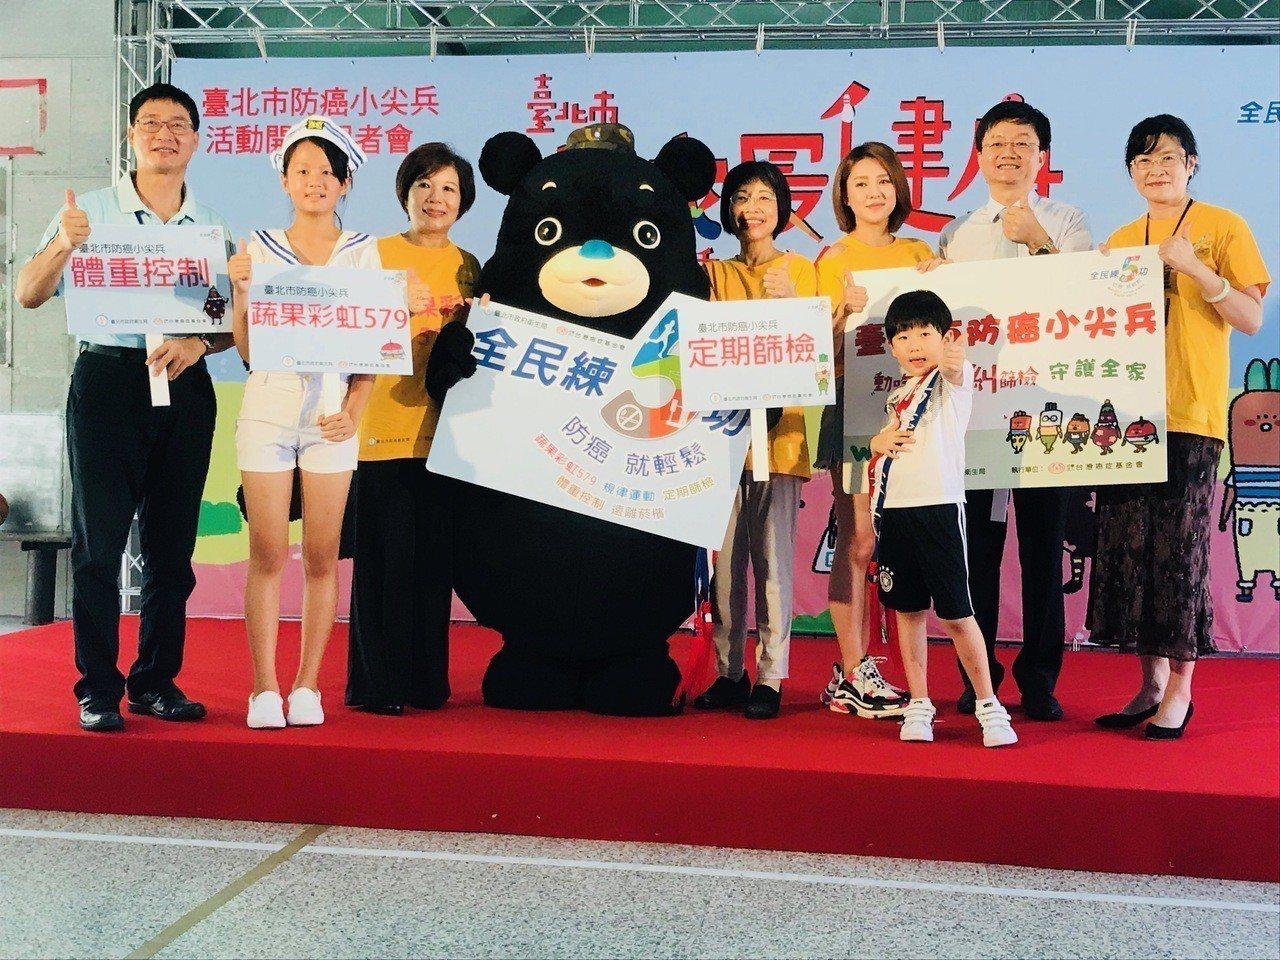 為有效防癌,台北市衛生局推出「防癌小尖兵」,盼讓家中學童提醒父母別忘了做定期癌症...